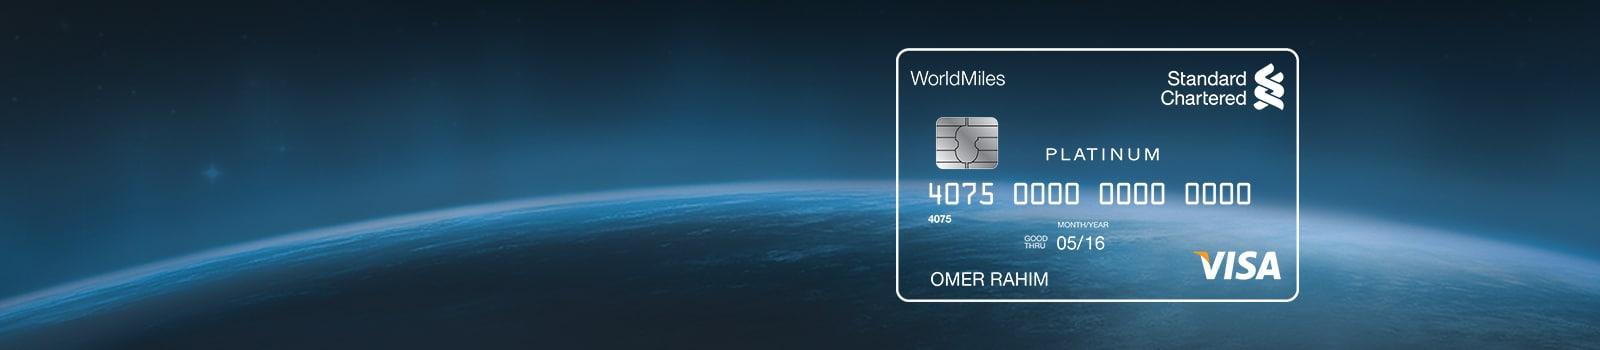 Visa Worldmiles